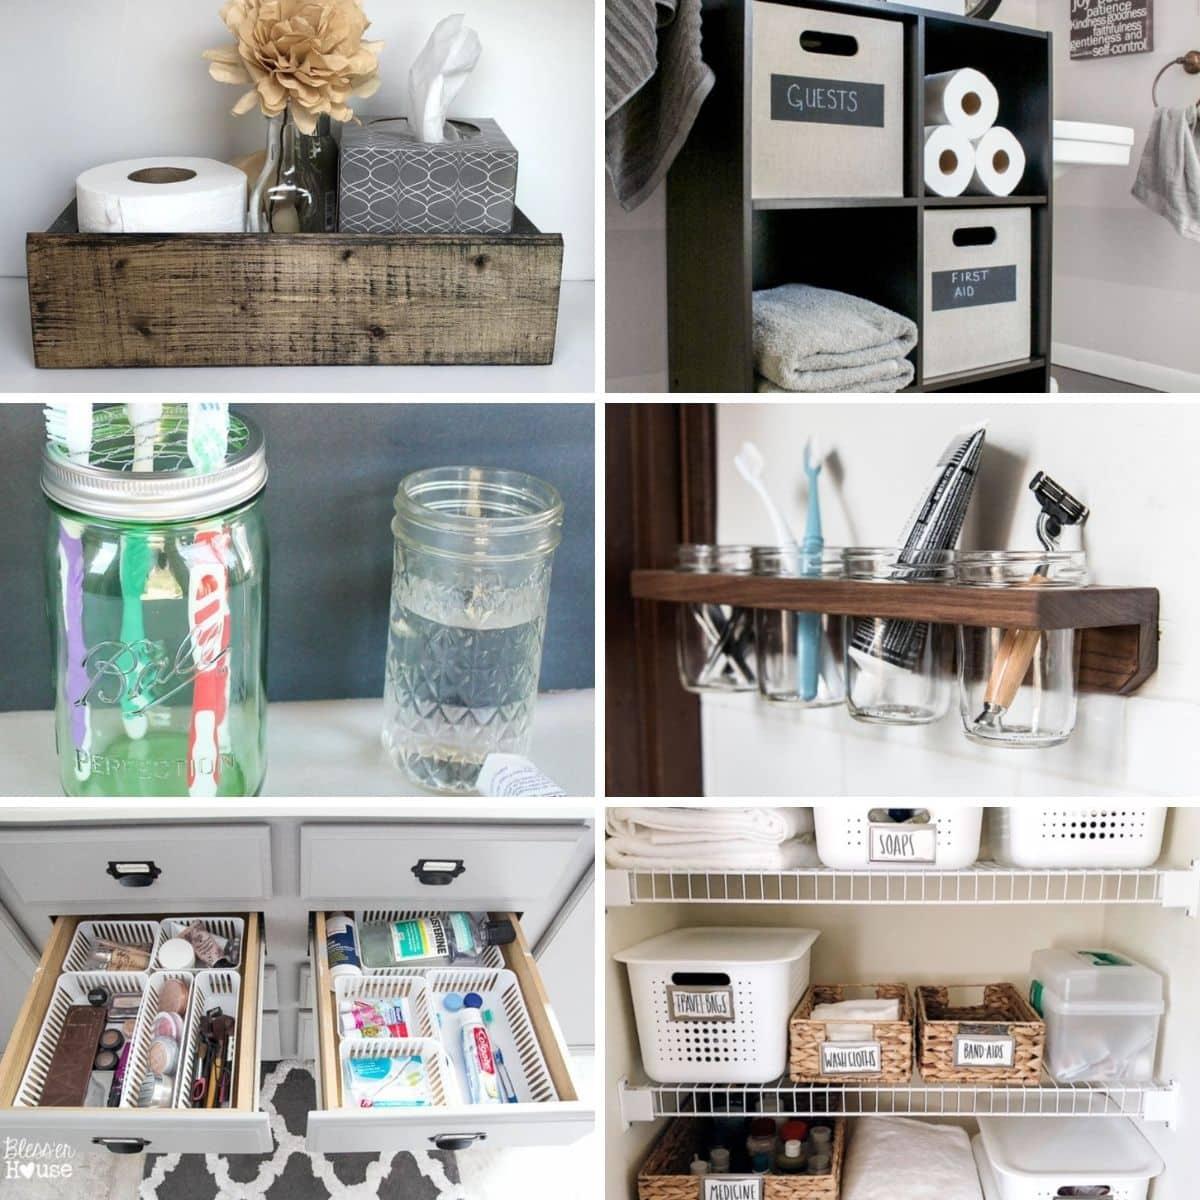 30 Tidy Diy Bathroom Organization Ideas, Bathroom Organising Ideas